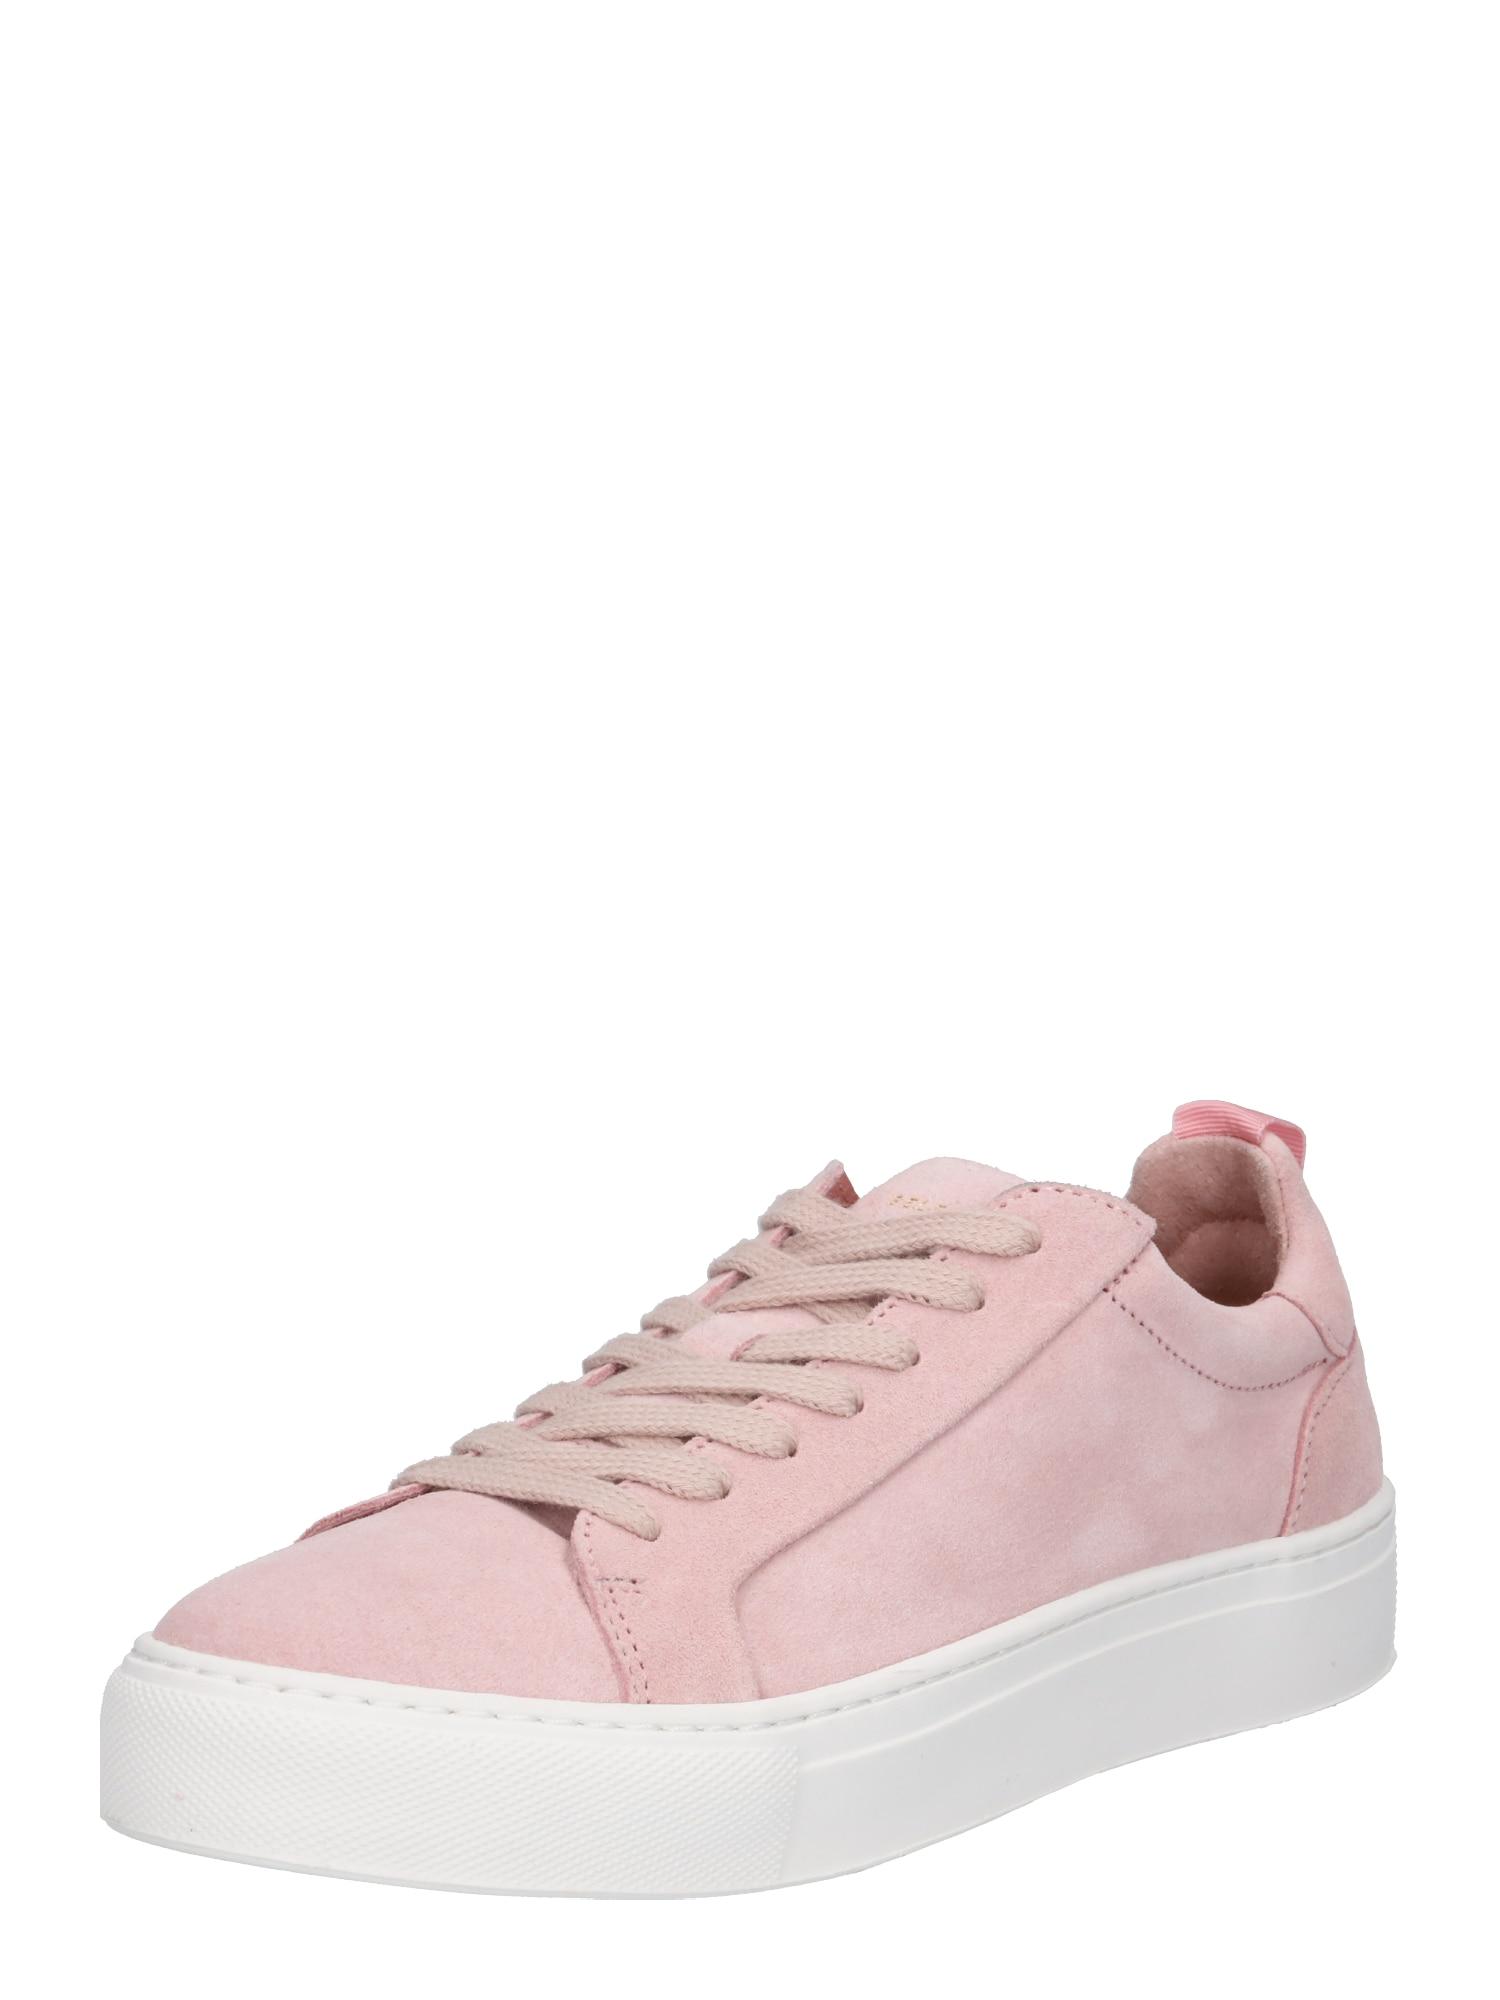 Tenisky DONNA pink SELECTED FEMME